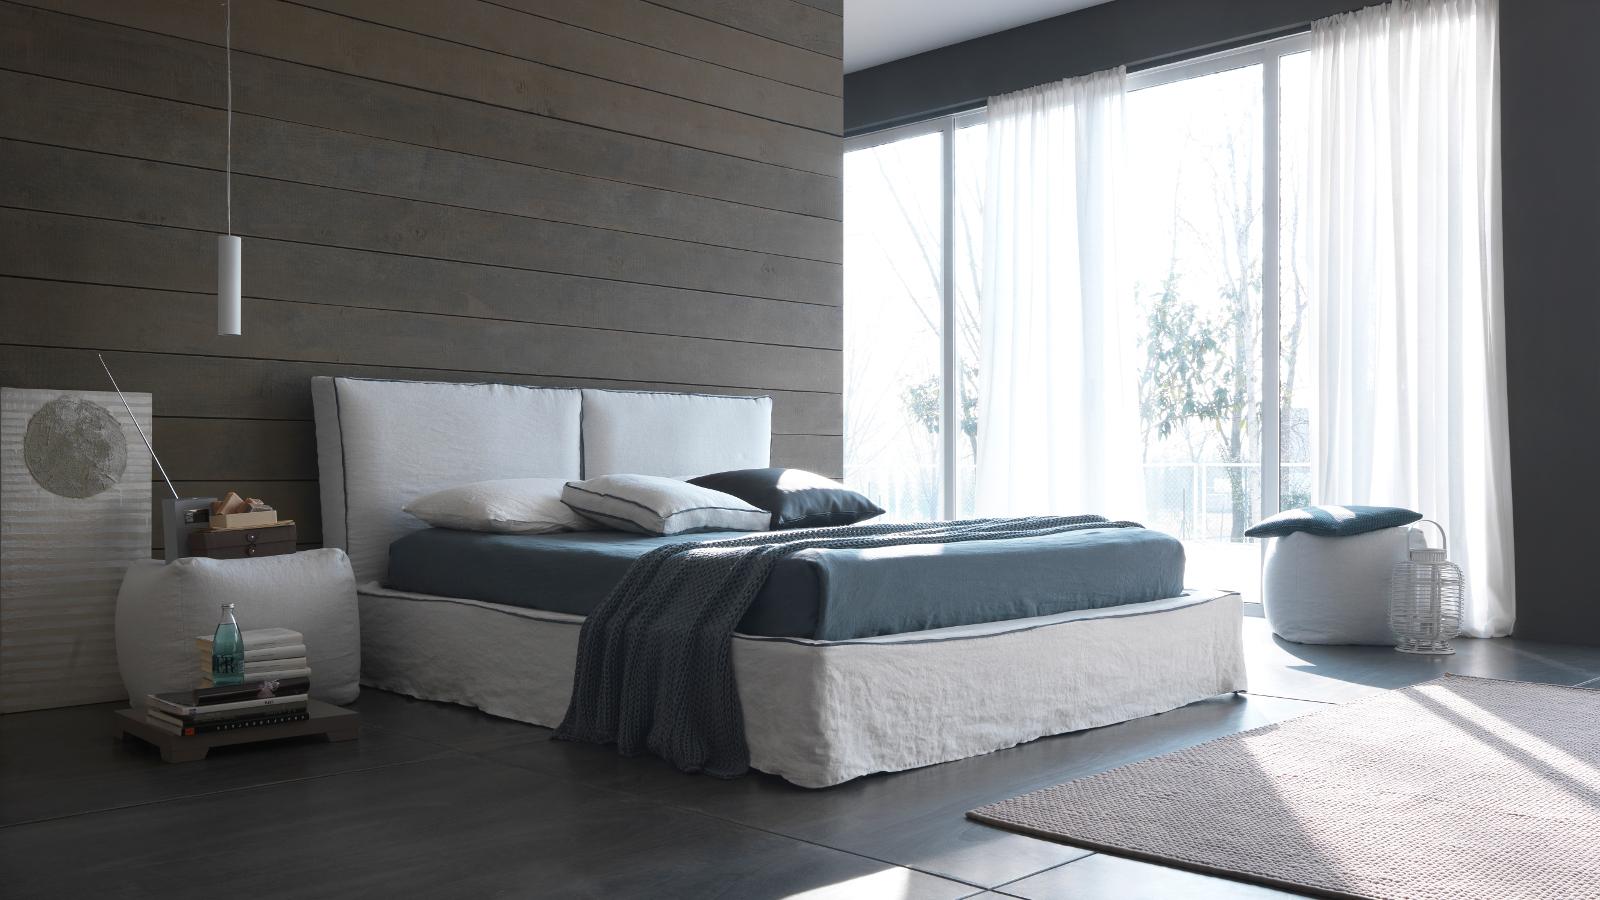 Foto di letti bolzan bianco e grigio in stanza solare for Arredamenti trieste